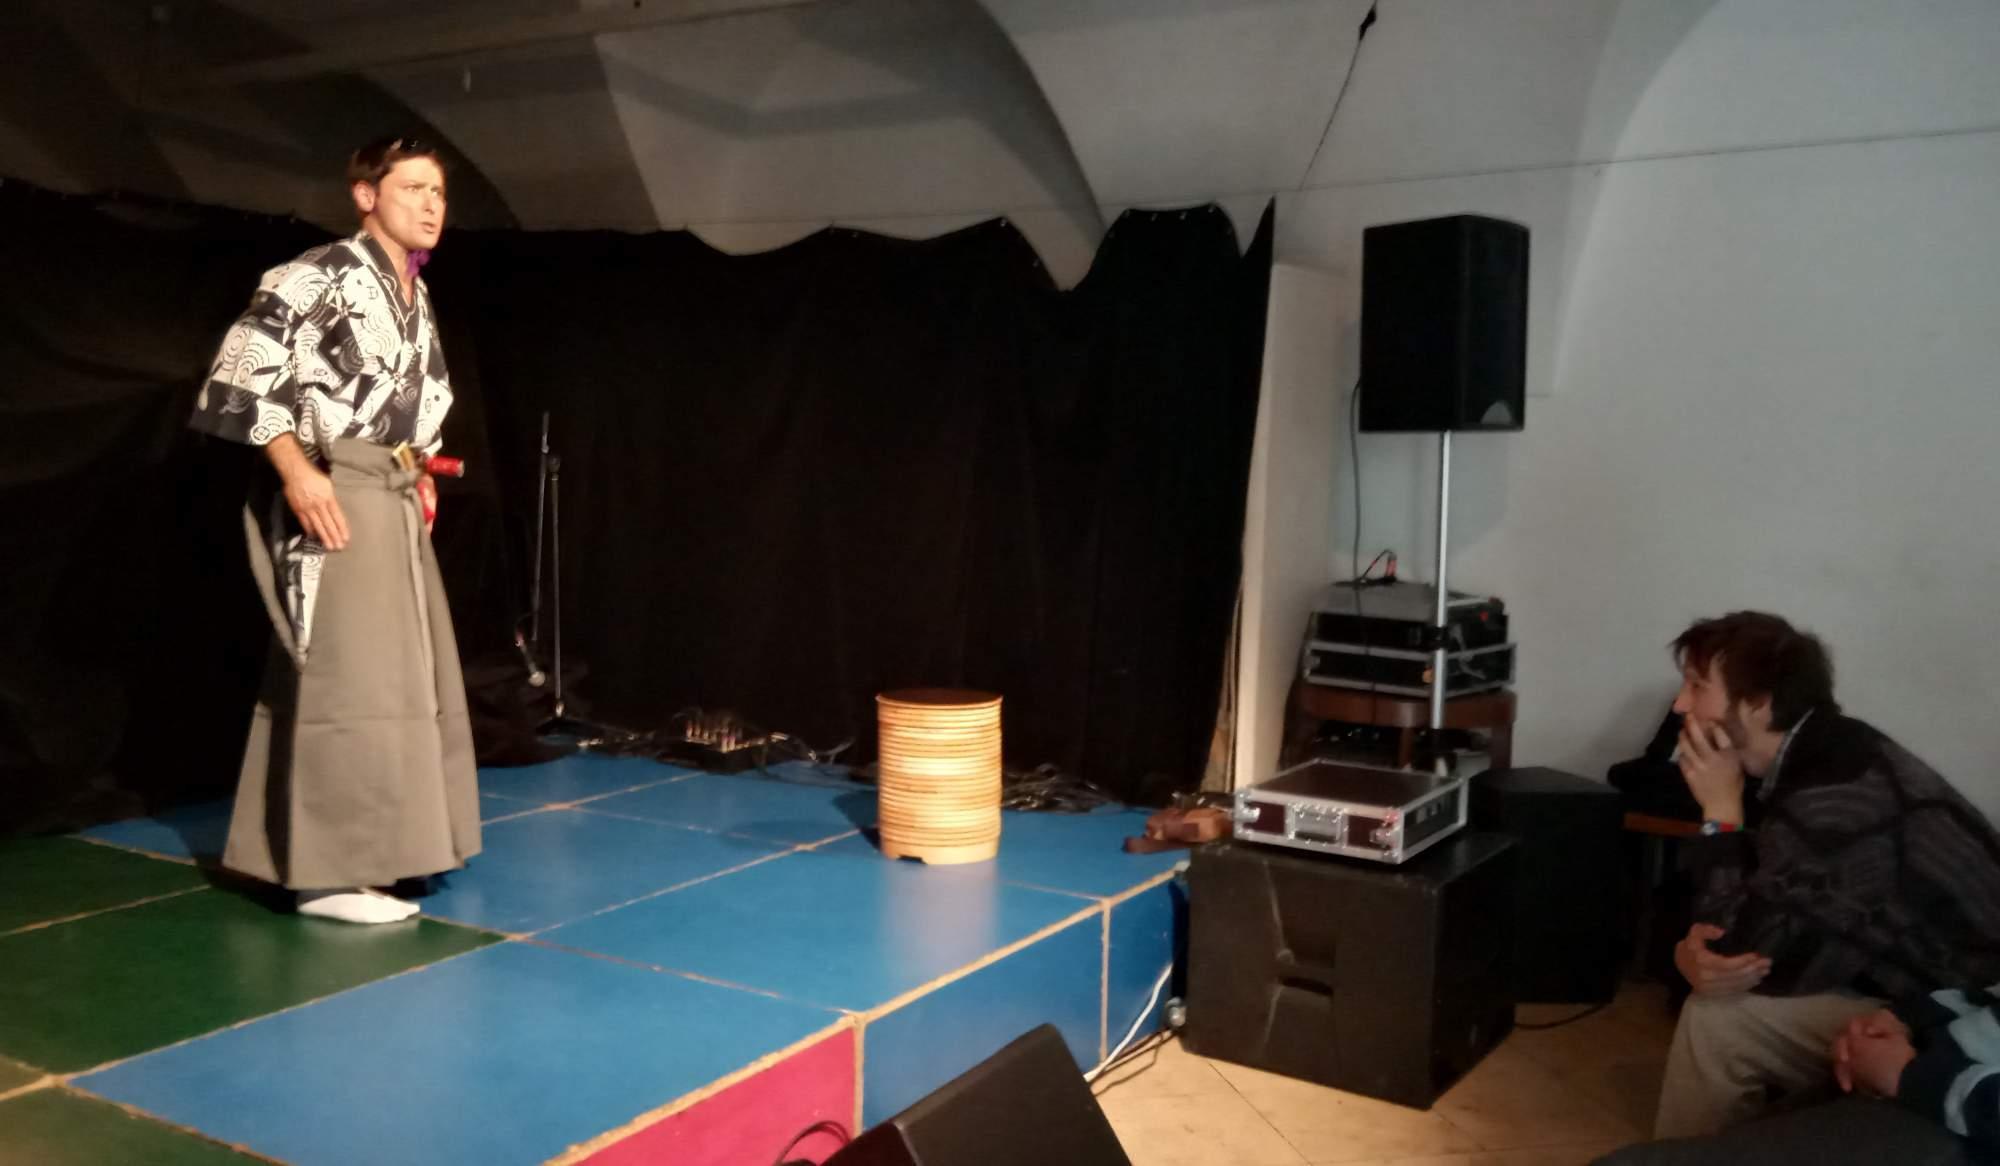 Zahájení festivalu se odehrávalo v kavárně Trojka, kde vystoupilo Divadlo kjógen. Foto: Anežka Horová.